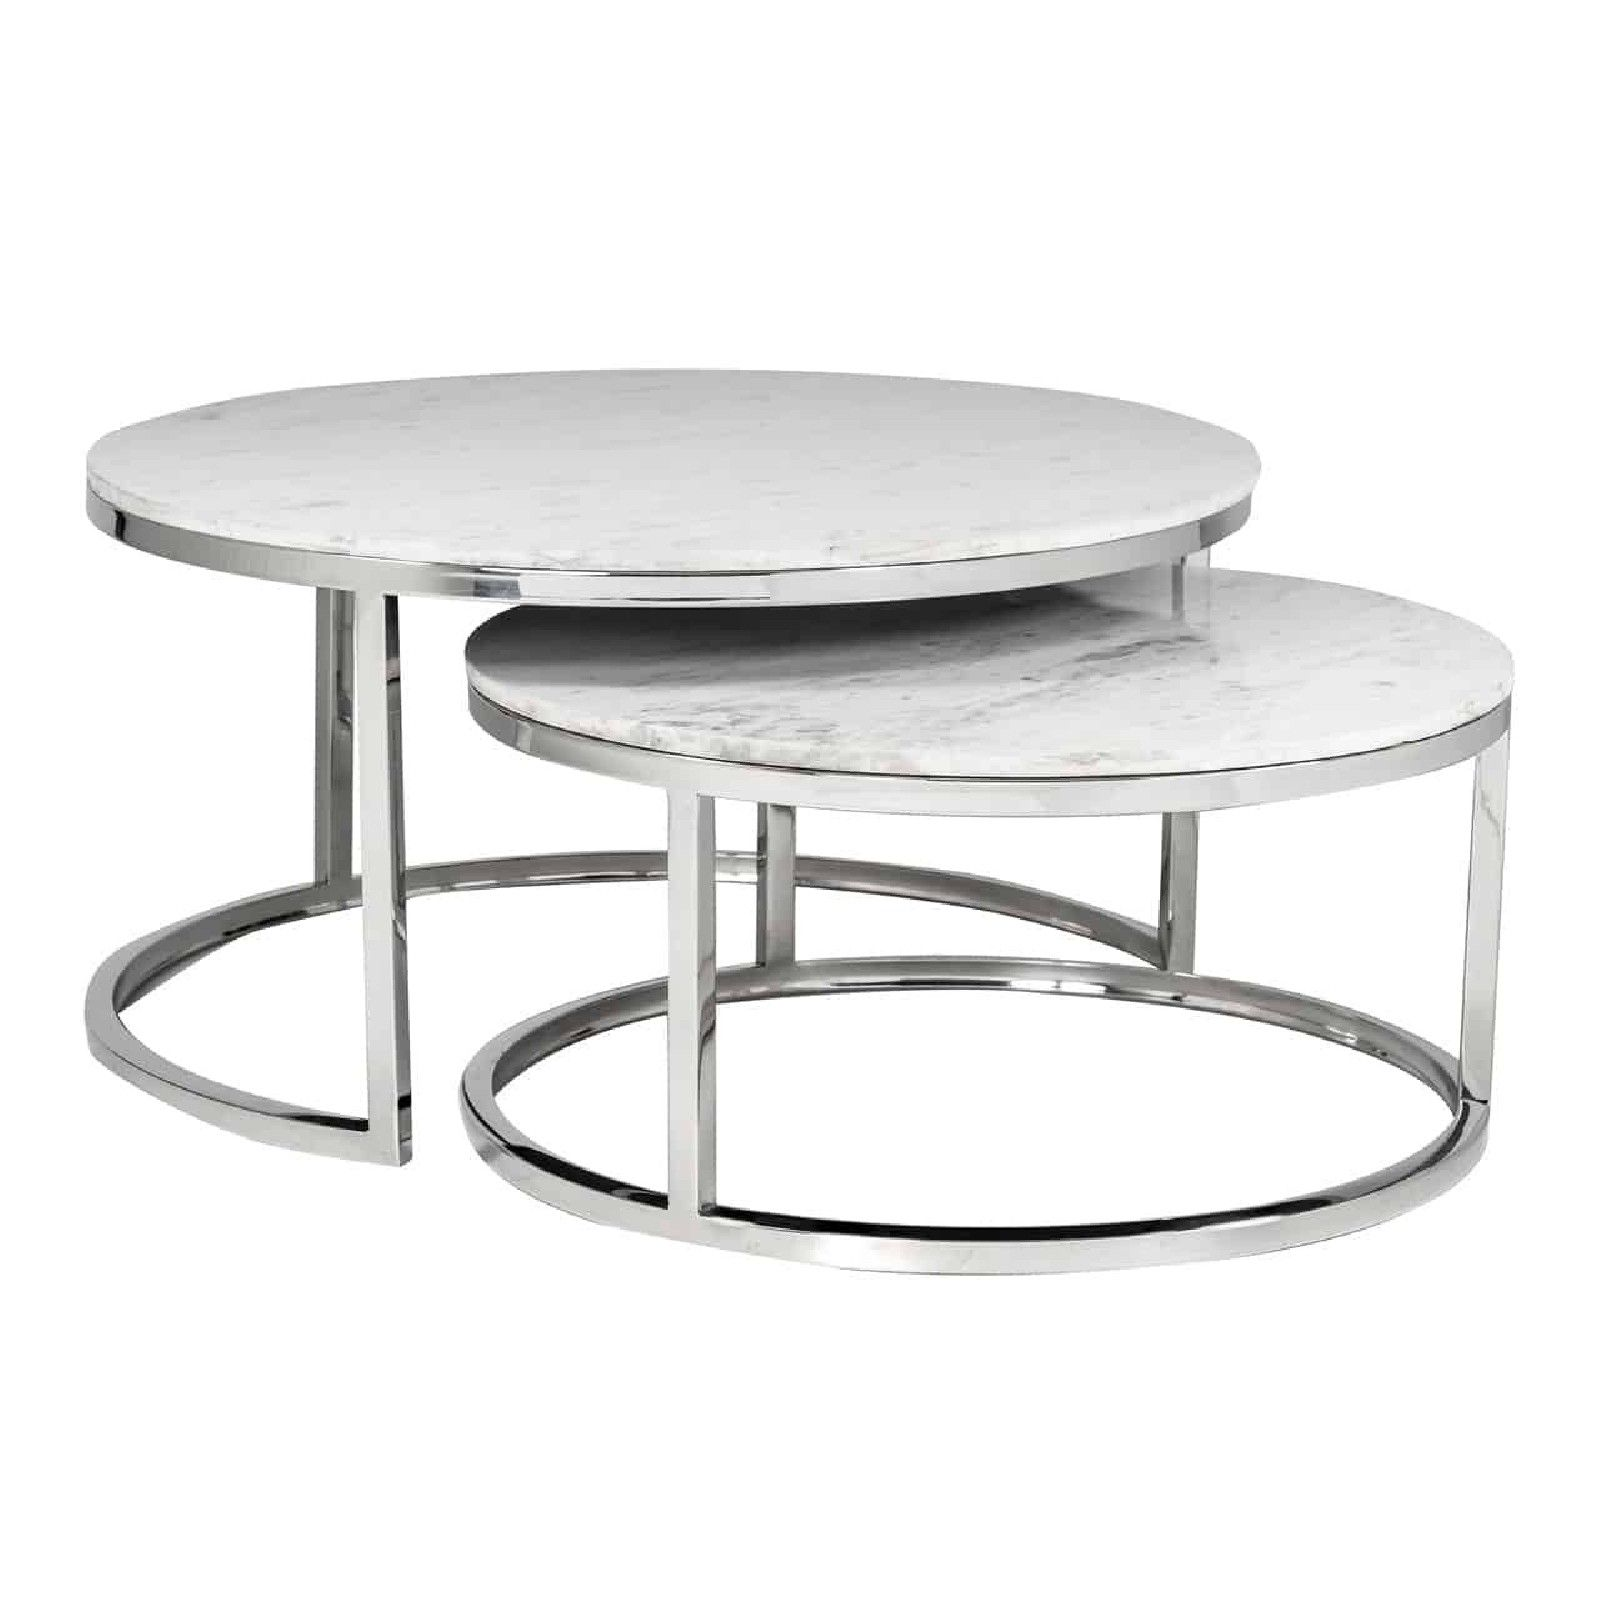 """Set de 2 table basse ronde - Inox et marbre blanc """"Levanto"""" Tables basses rondes - 94"""